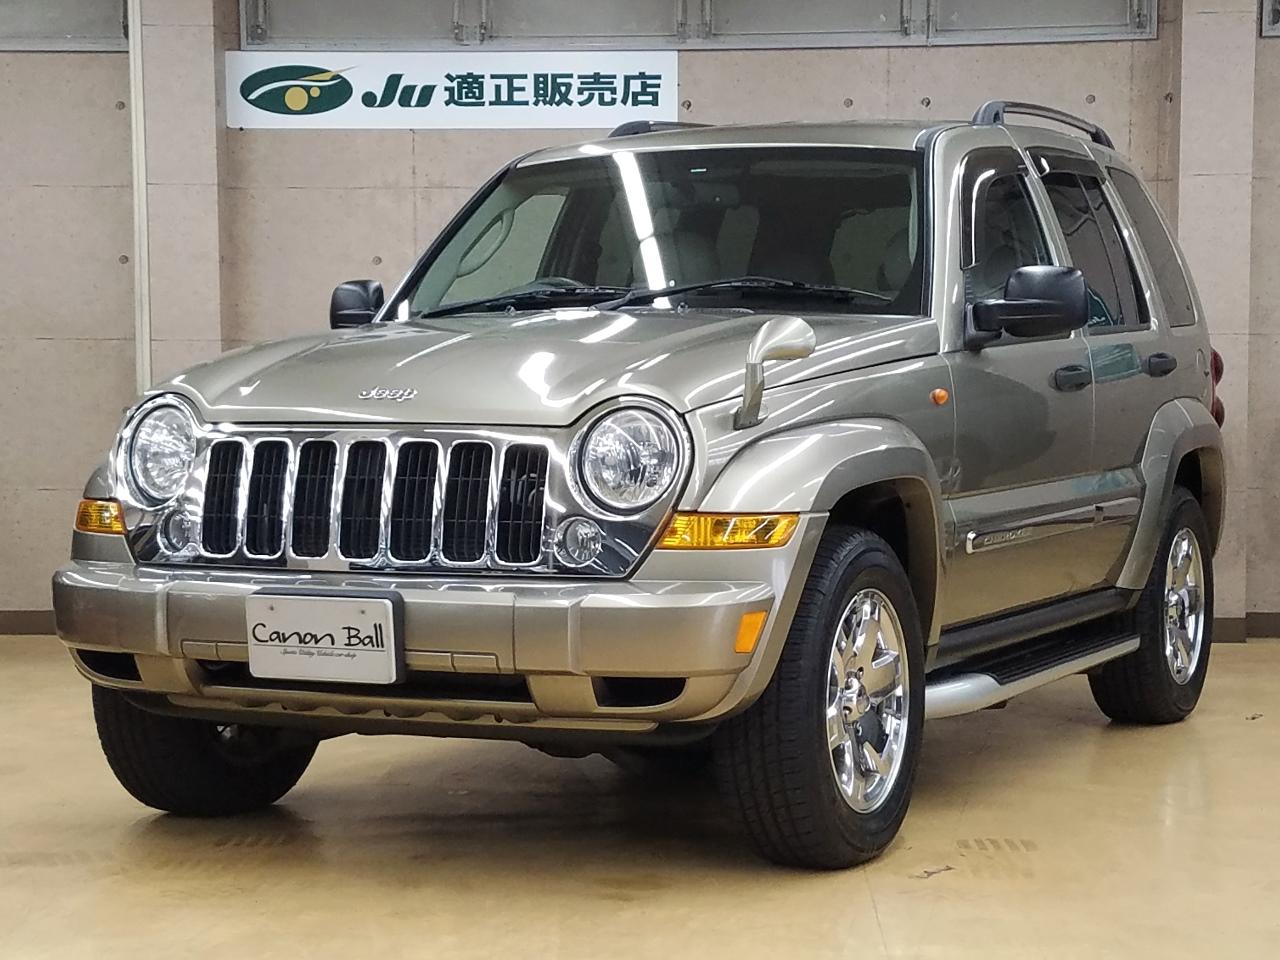 リミテッド 本革内装 KJ型Jeep最終モデル 【2008y登録車】